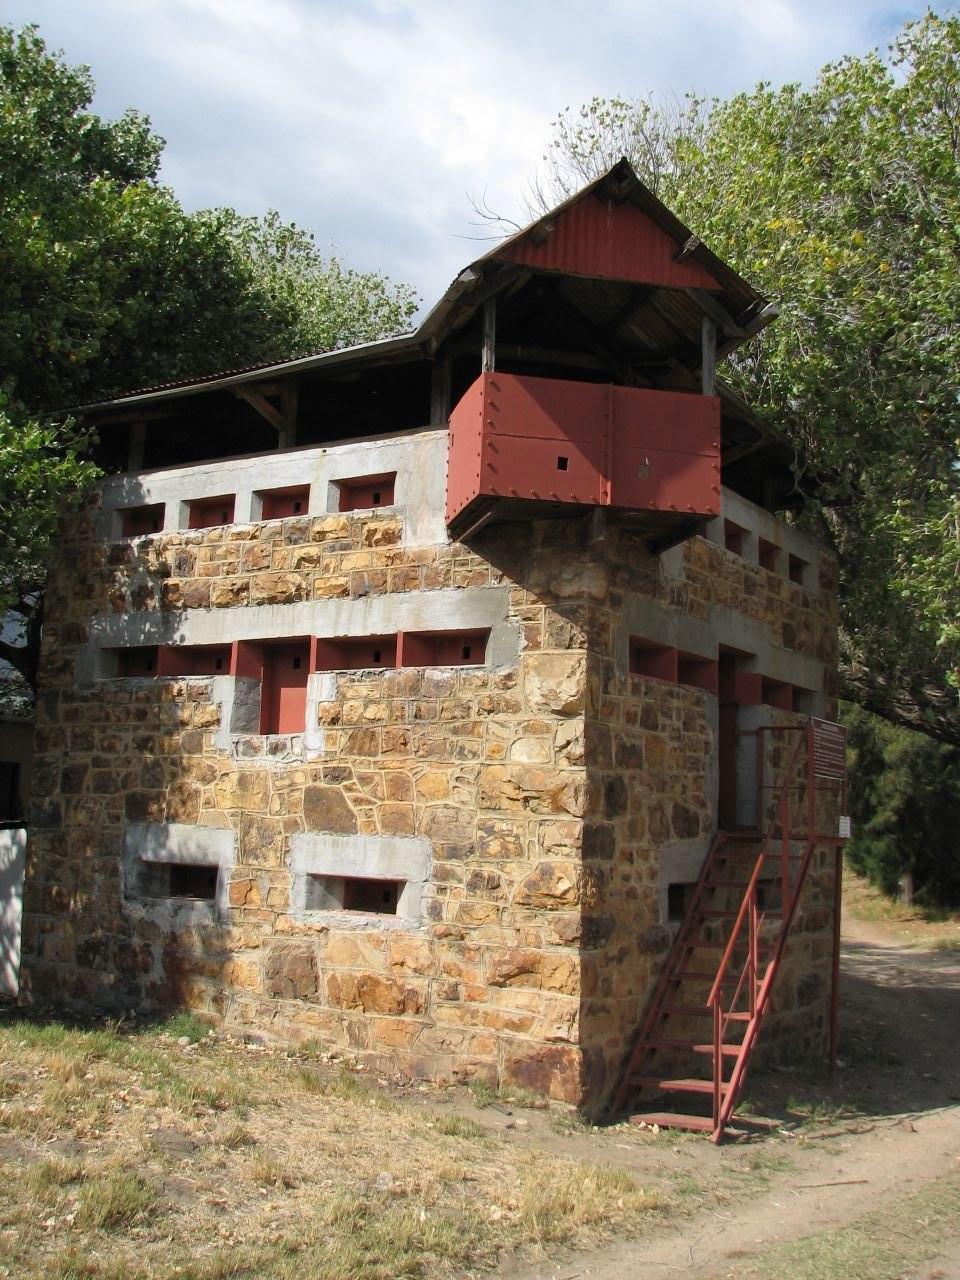 BoerWarBlockHouse SouthAfrica